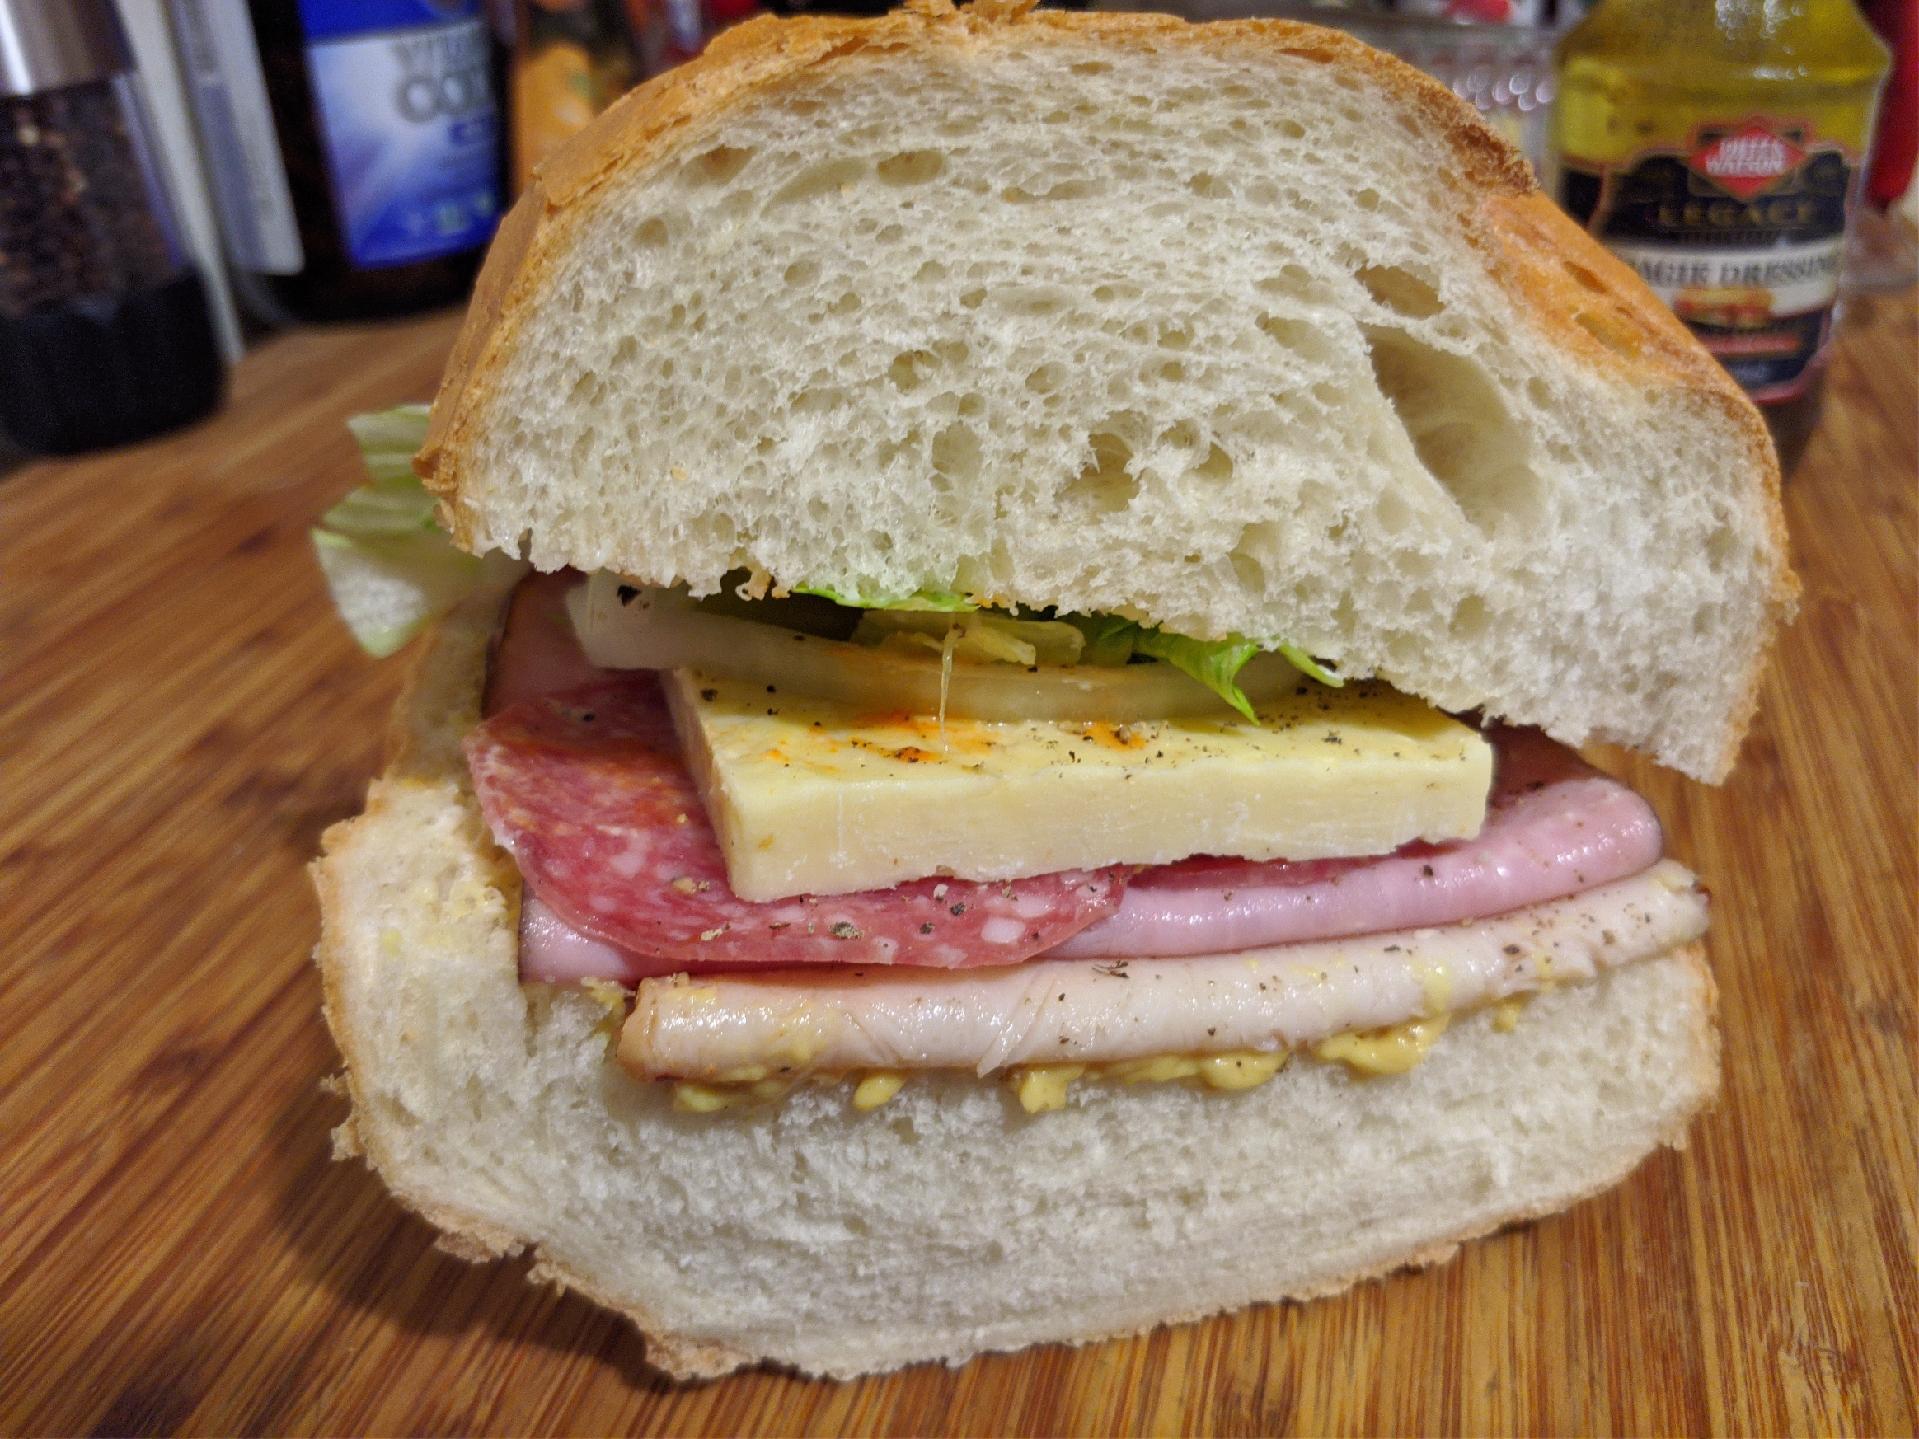 Manwiches-x6zc2y7-jpg